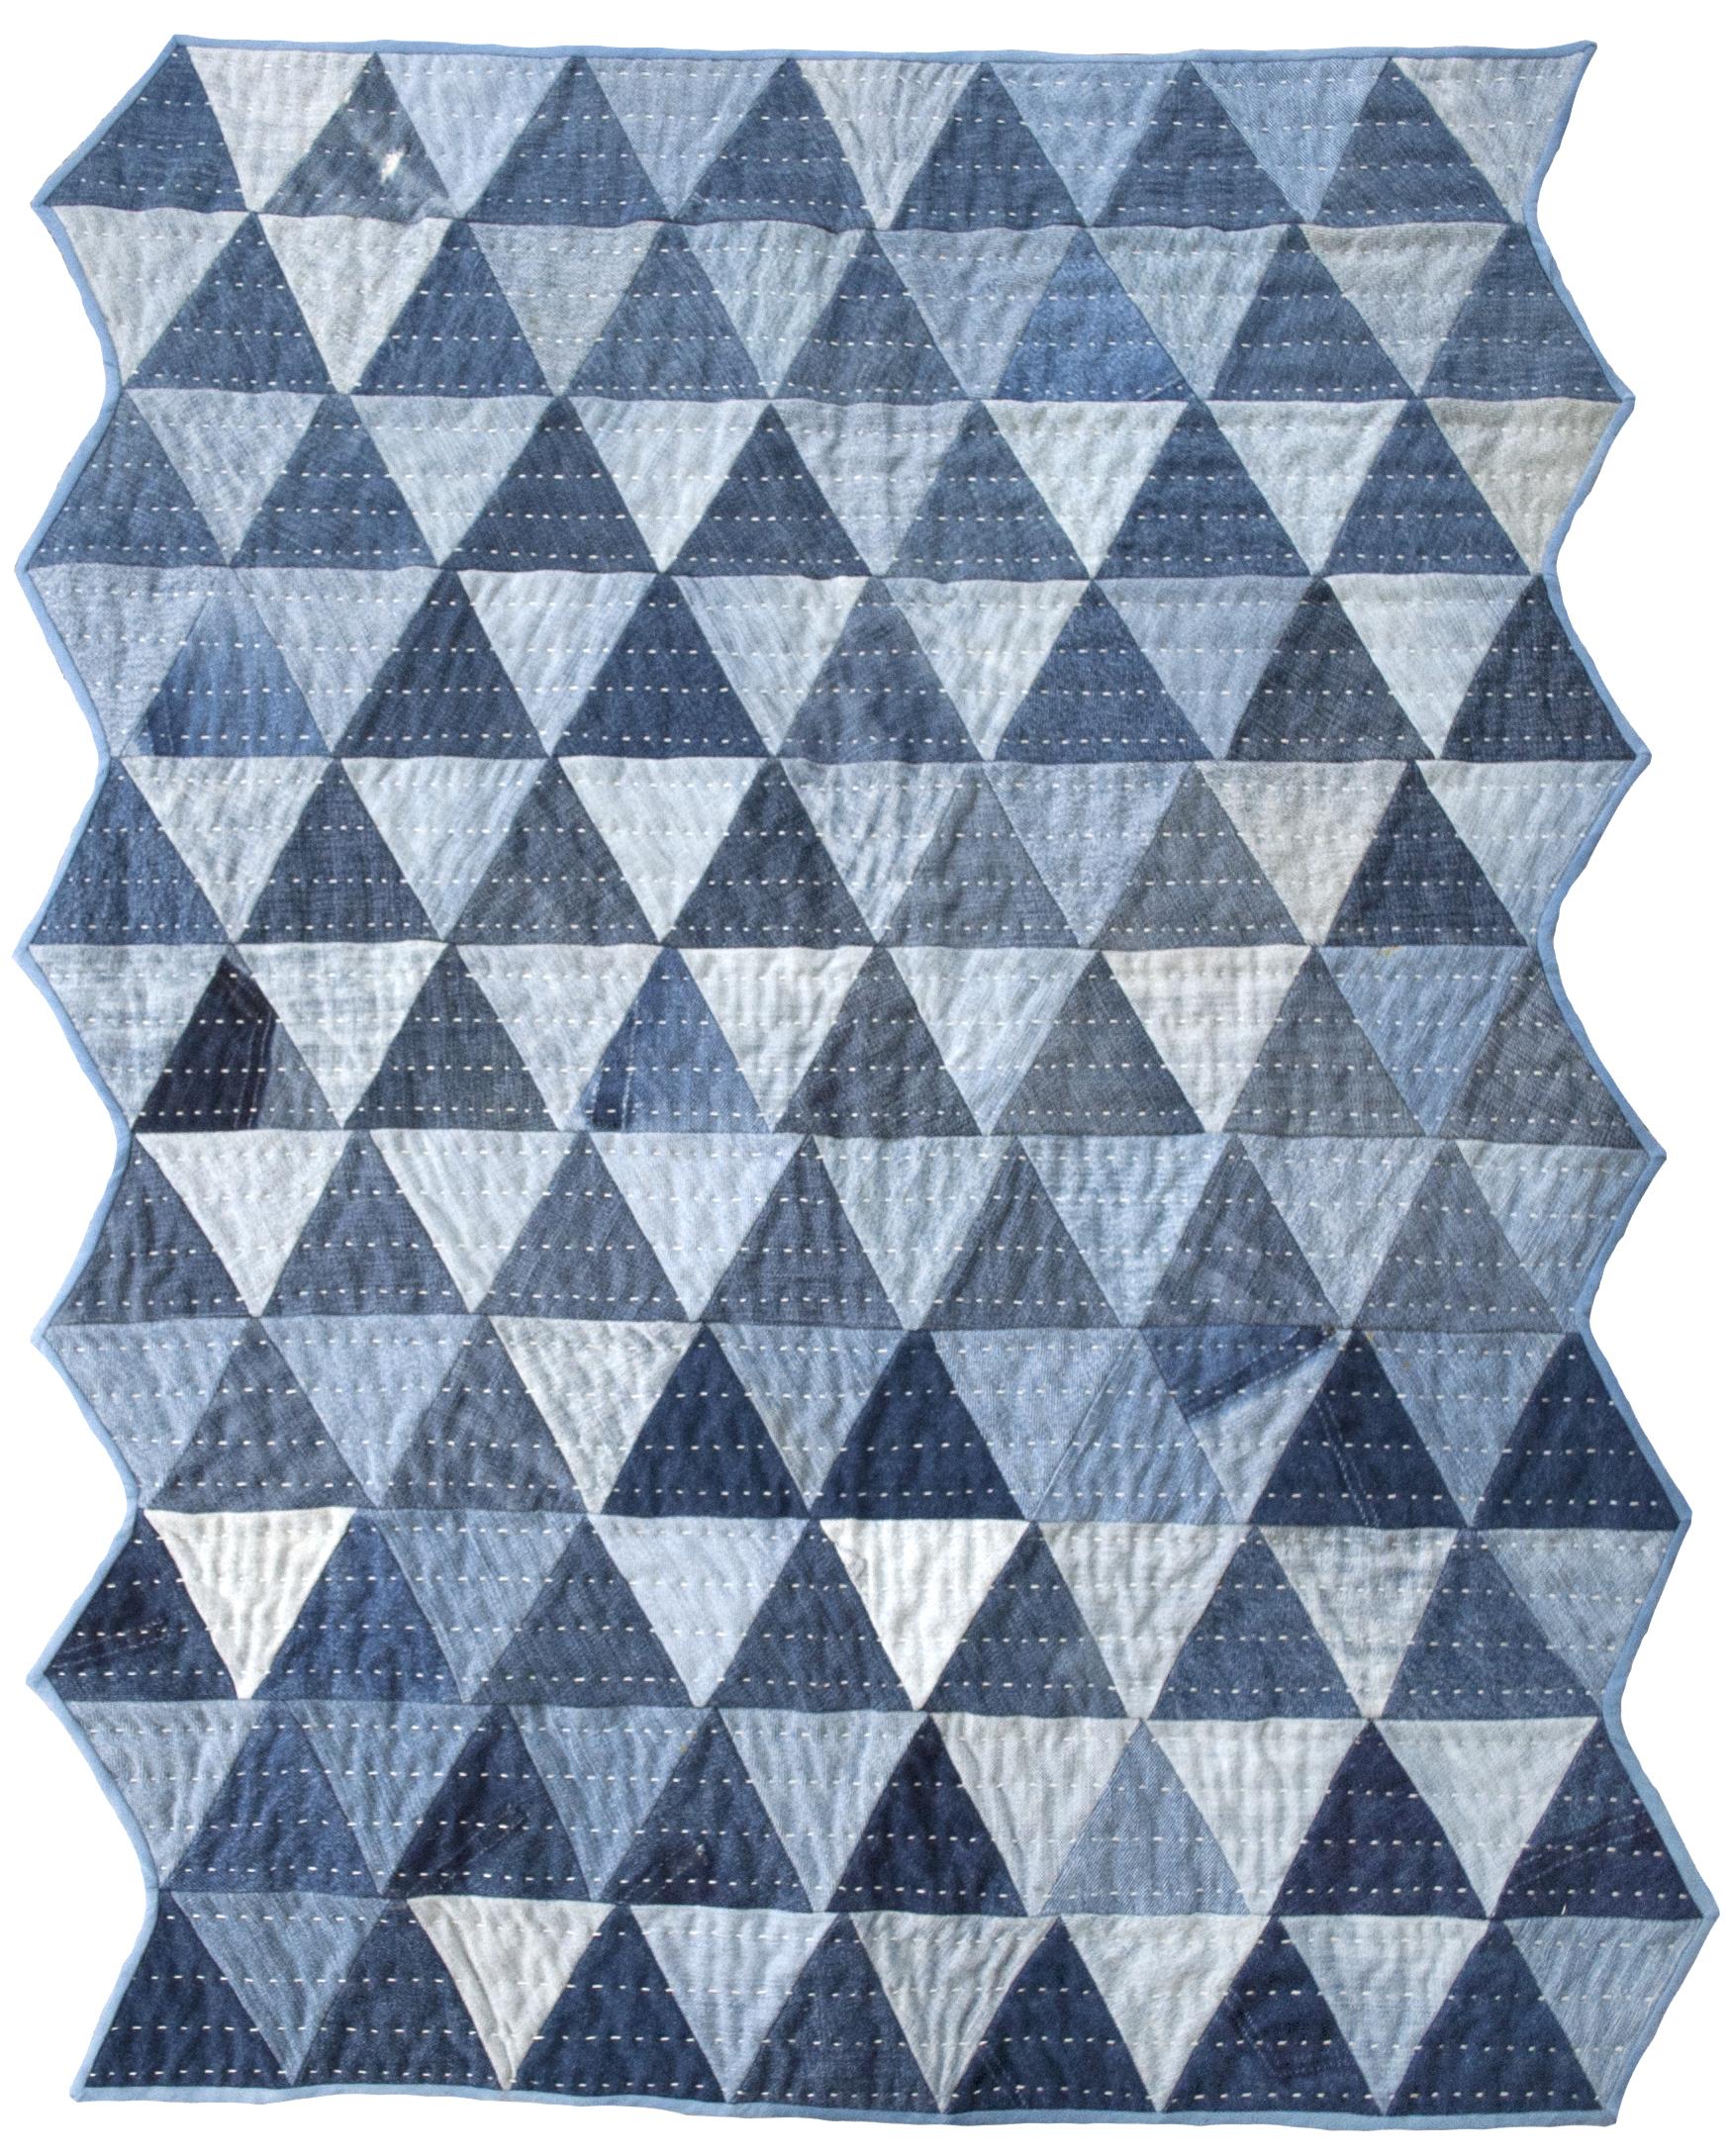 the denim pyramid quilt